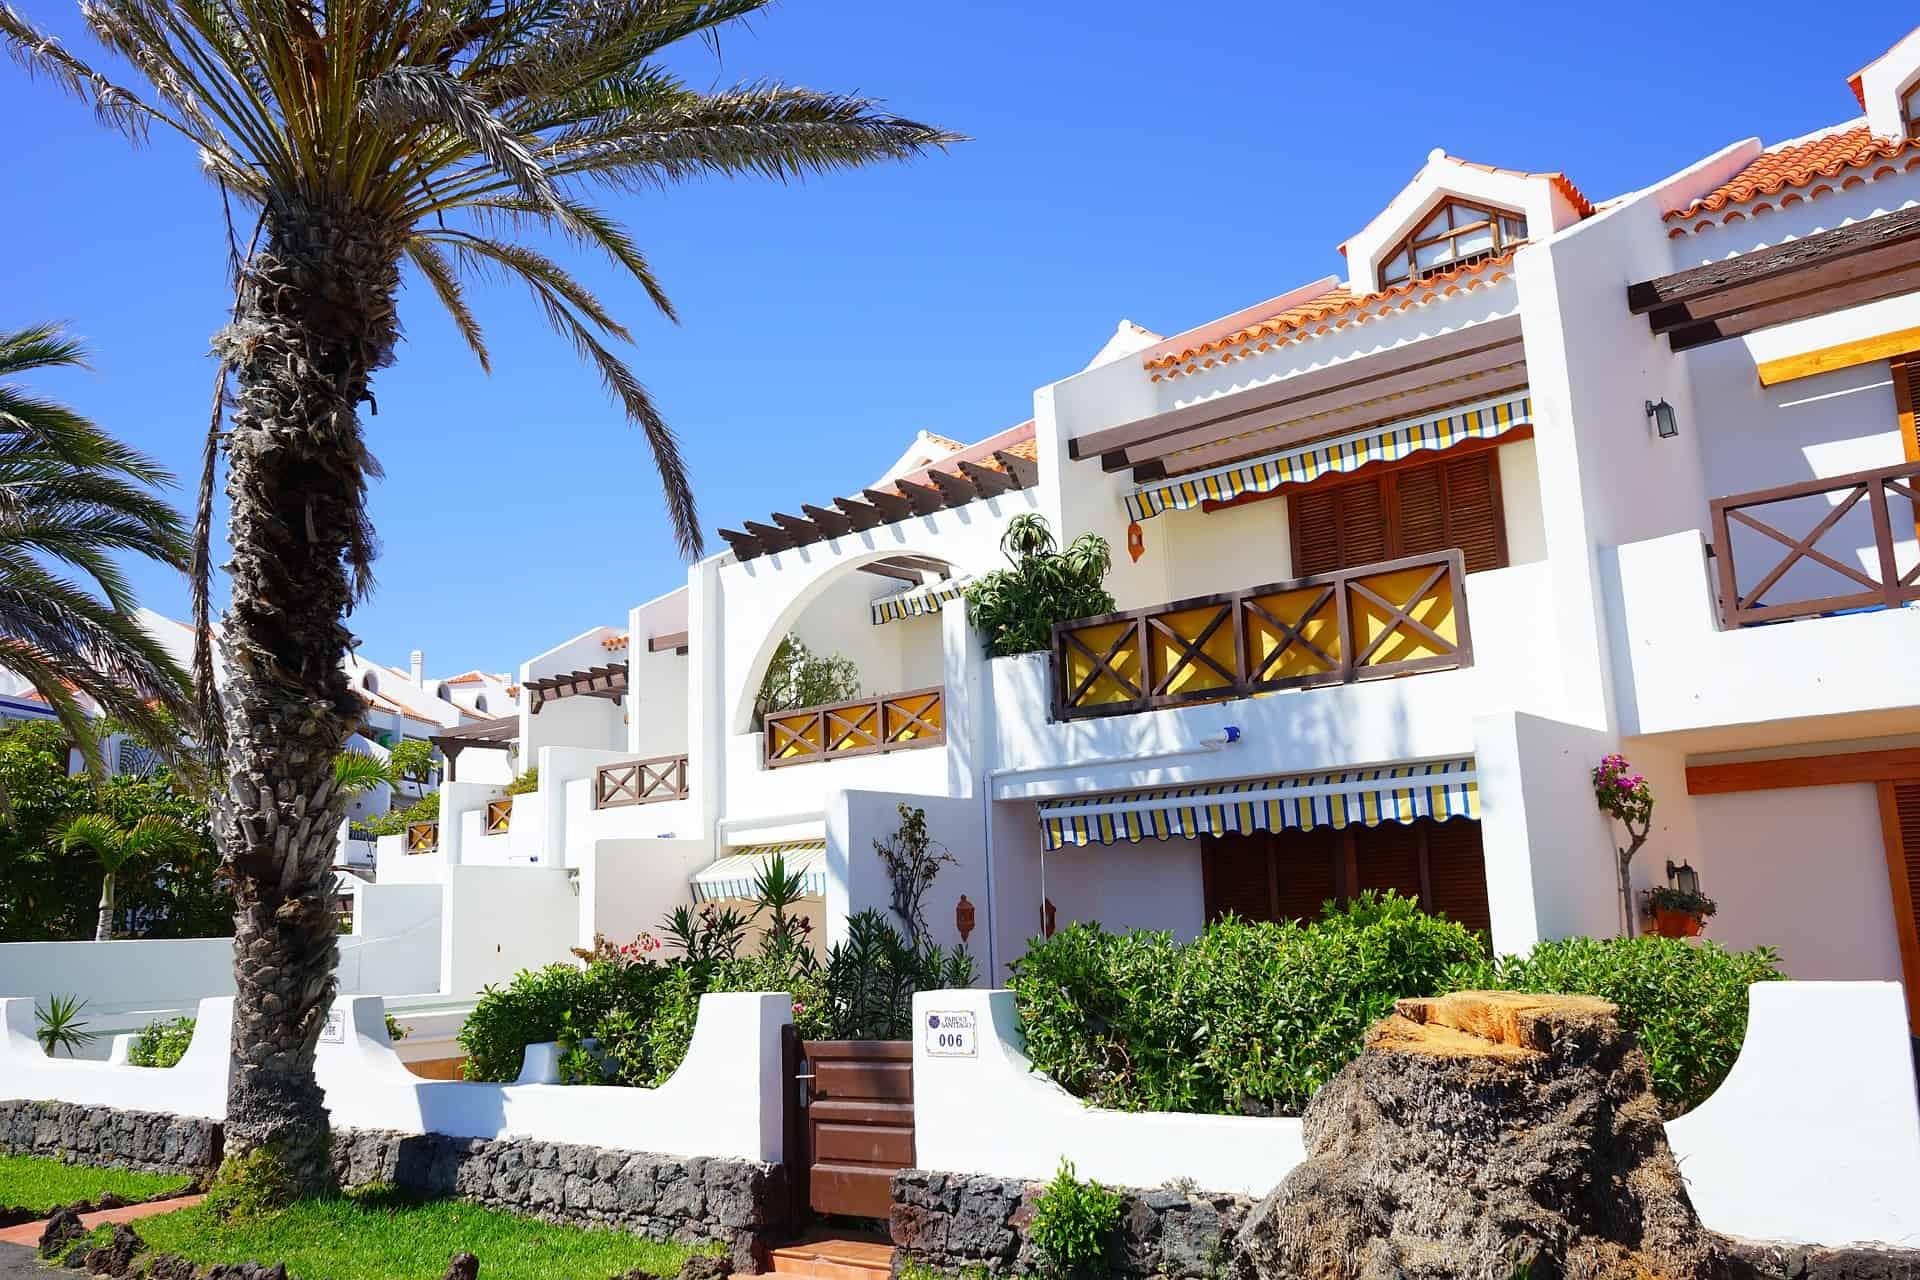 Tenerife bøsseture